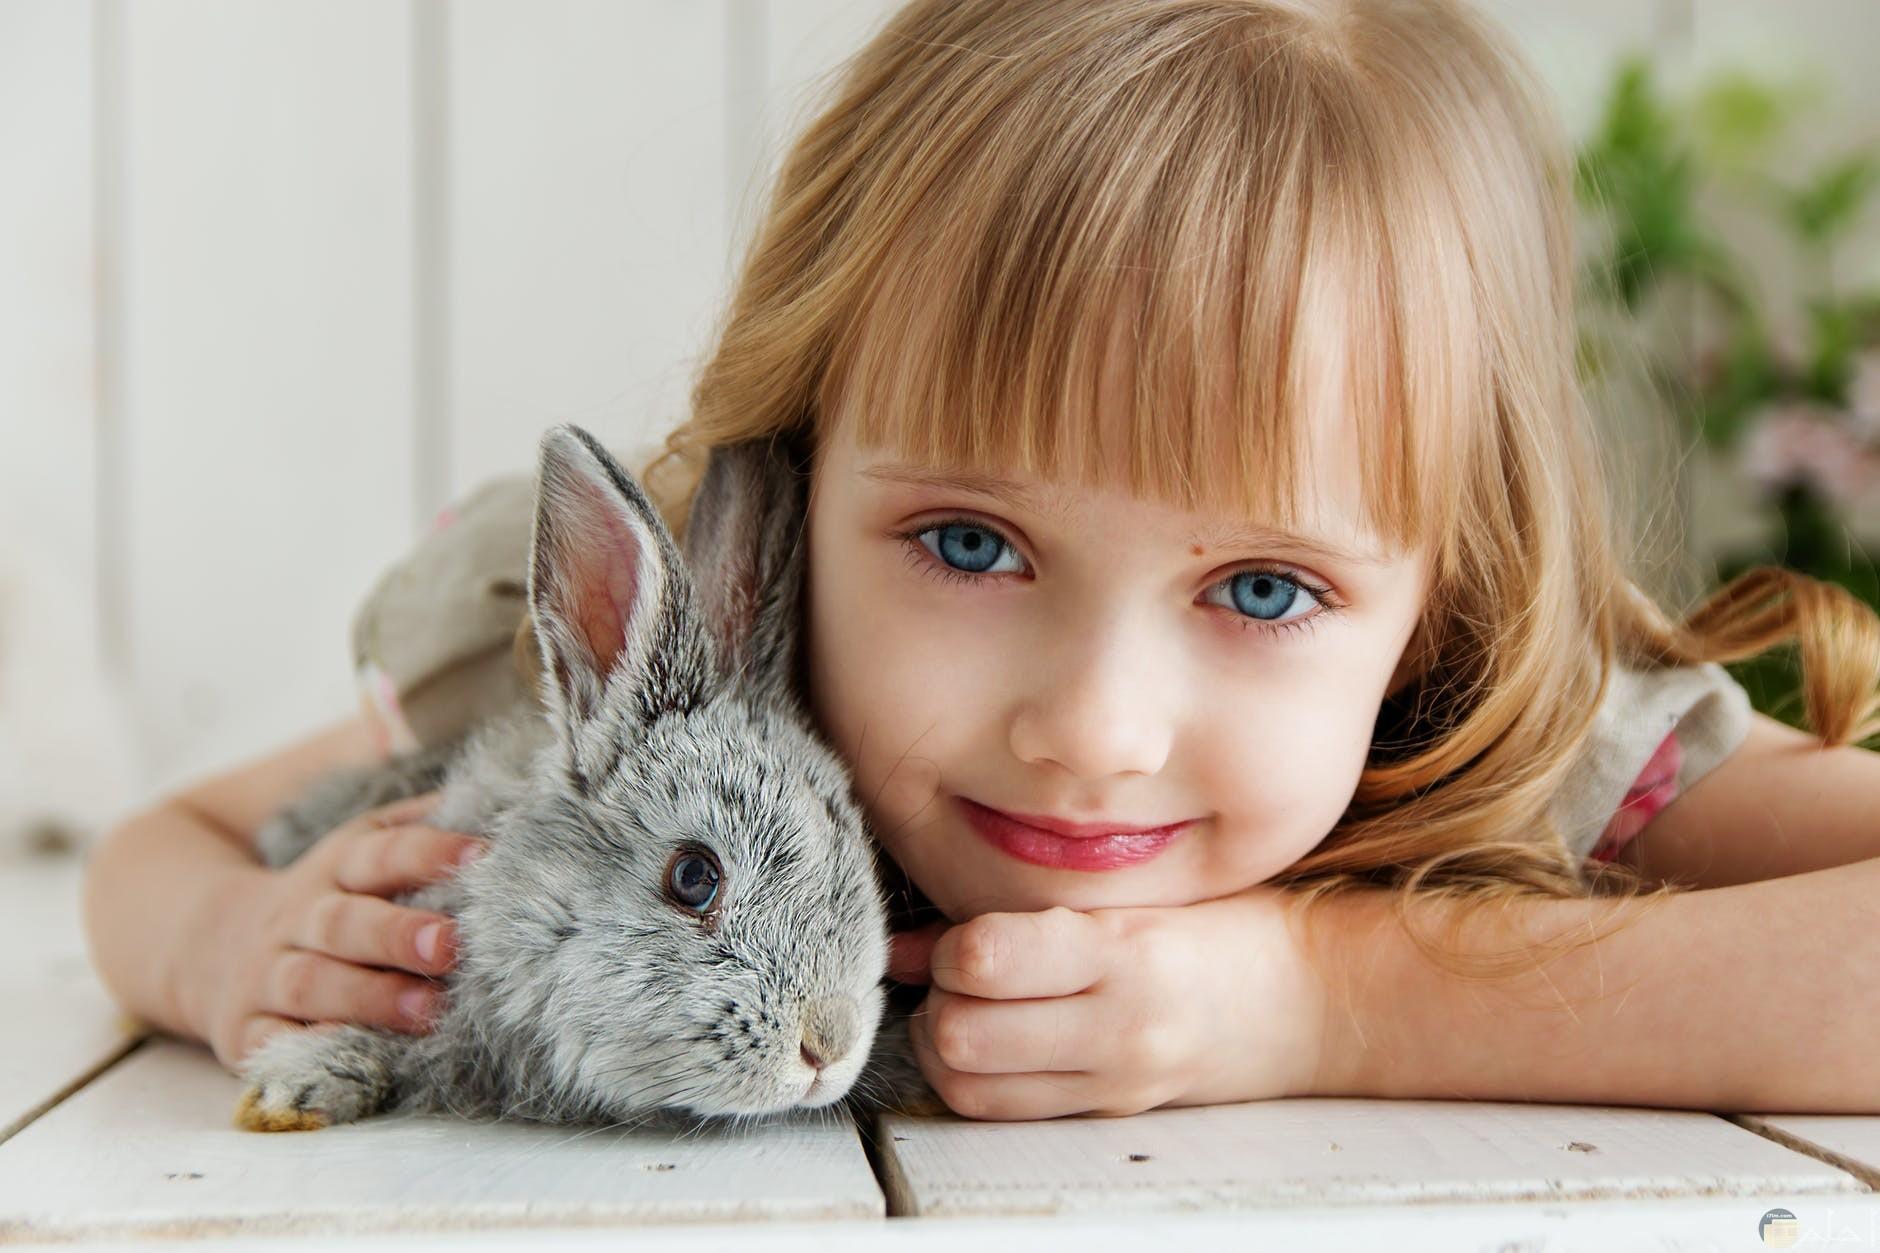 صور بنوتة جميلة مع أرنوب